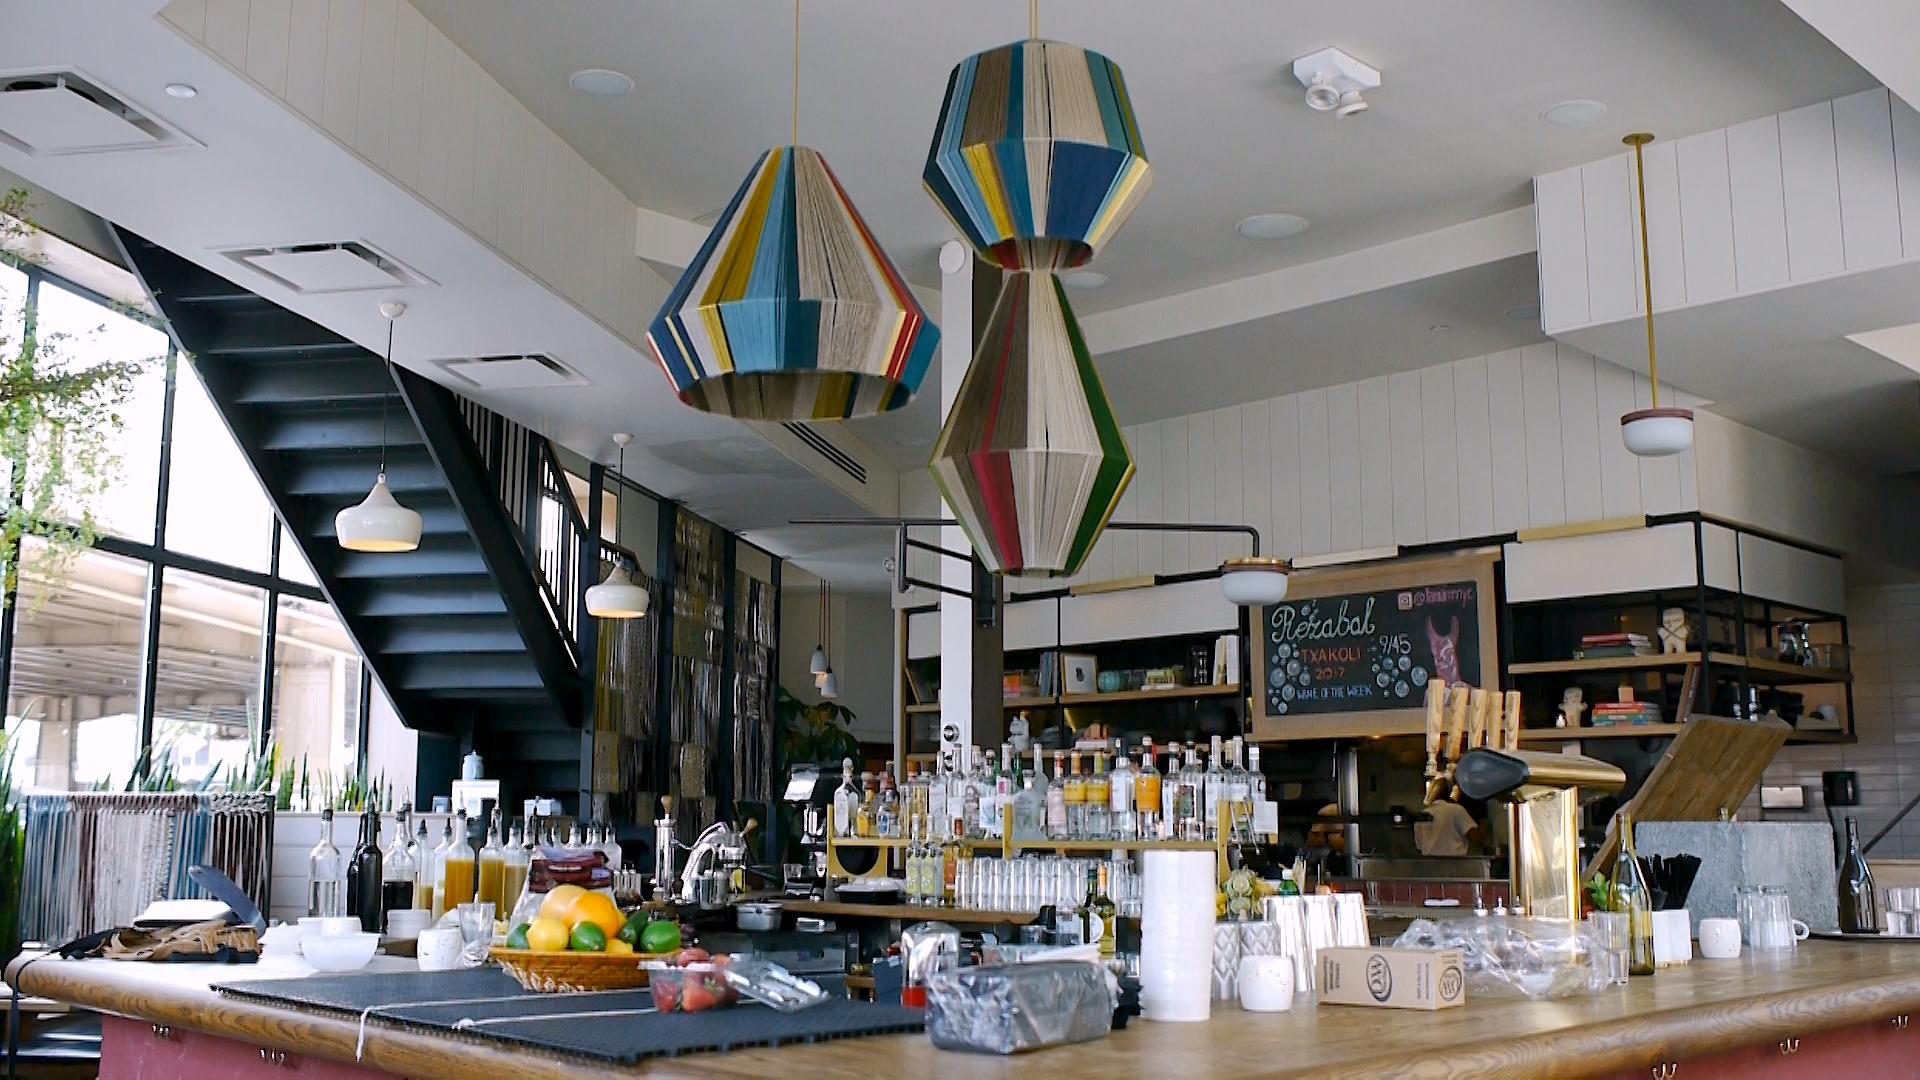 Llama Inn Bar Interior FoodCurated